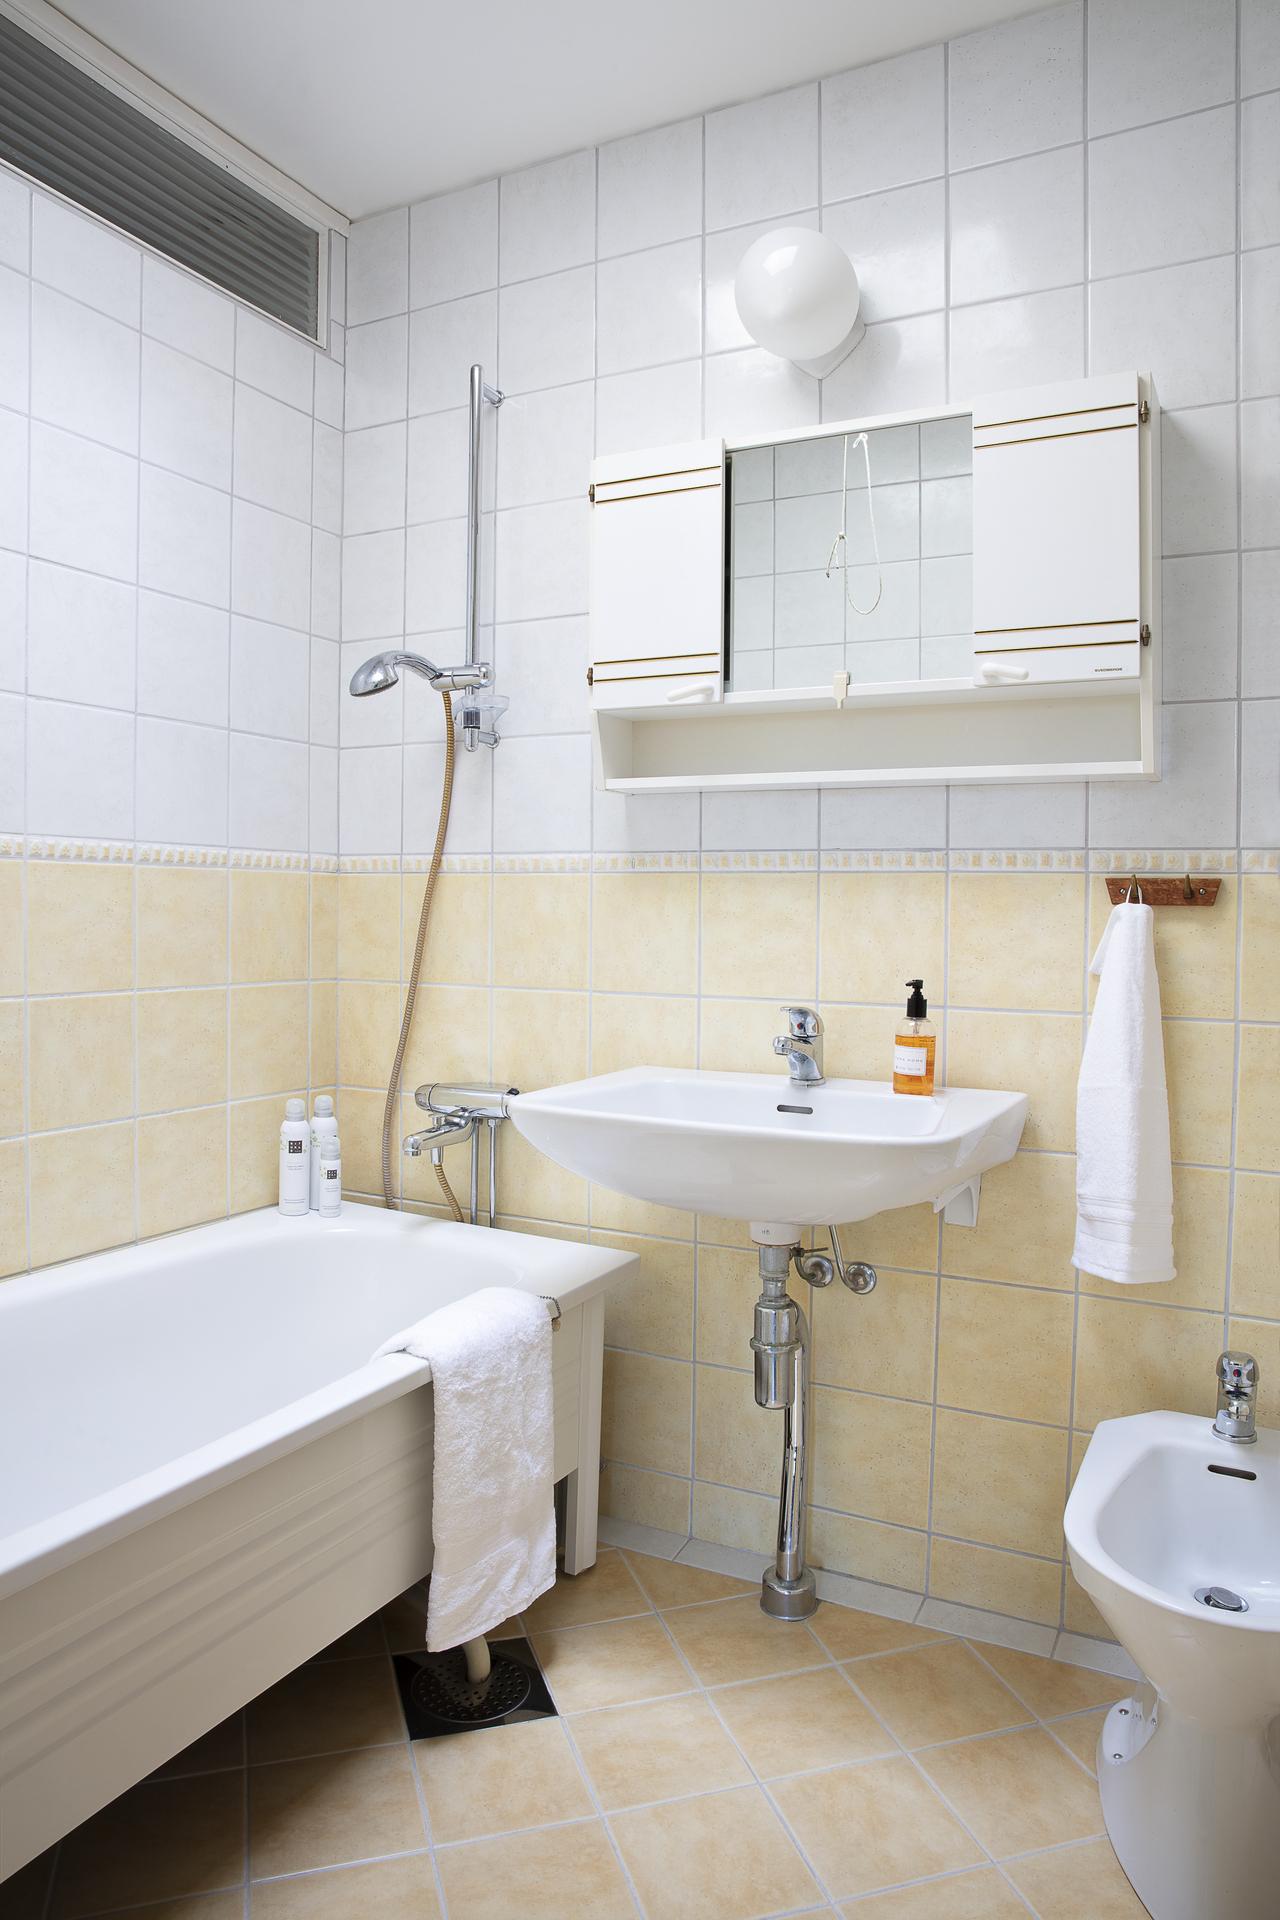 Här finns ett fristående badkar och badrumsskåp med plats för förvaring